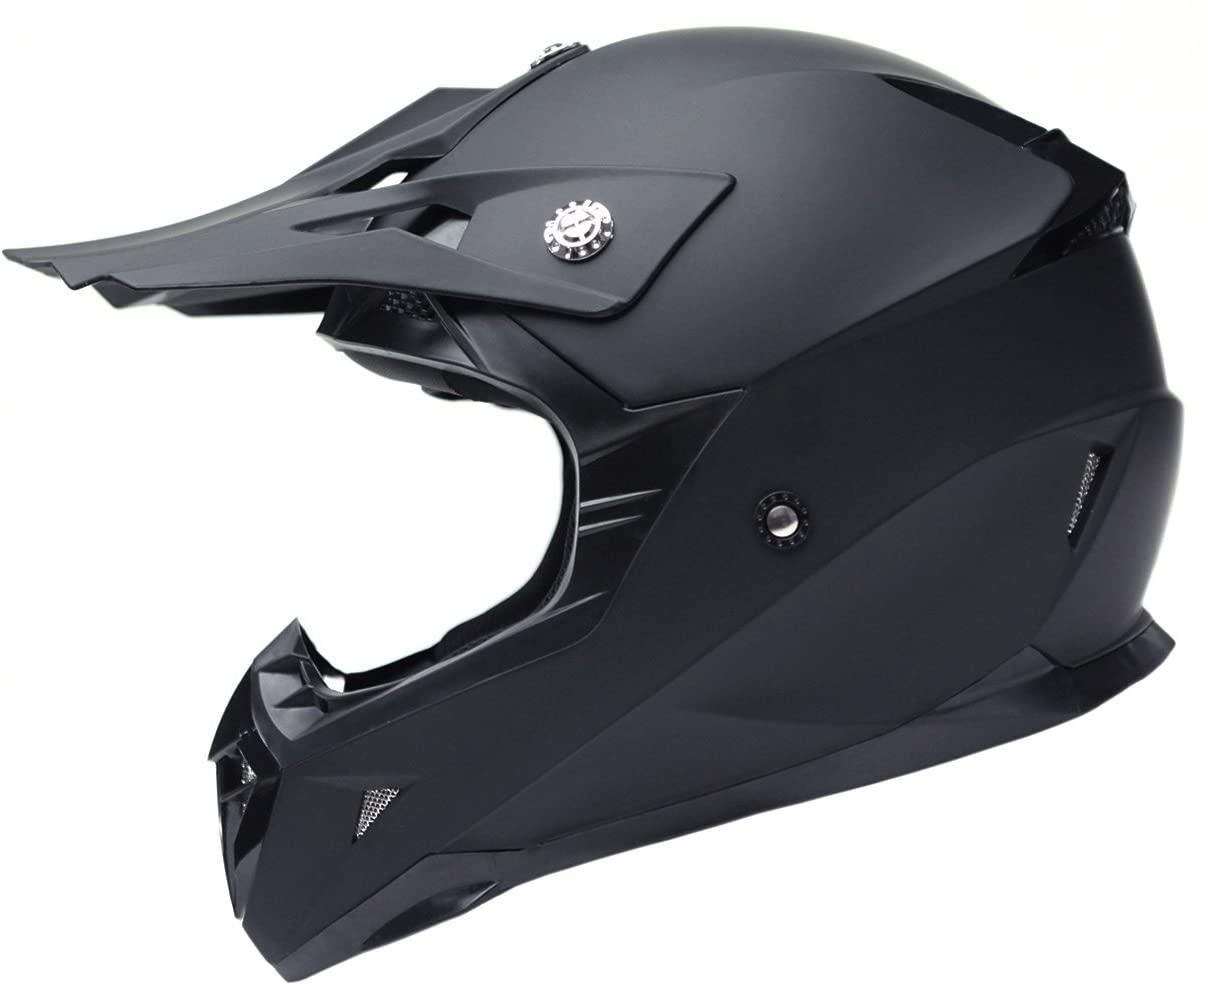 Motorcycle Motocross ATV Helmet DOT Approved - YEMA YM-915 Motorbike Moped Full Face Off Road Crash Cross Downhill DH Four Wheeler MX Quad Dirt Bike Helmet for Adult Men Women - Matte Black,S